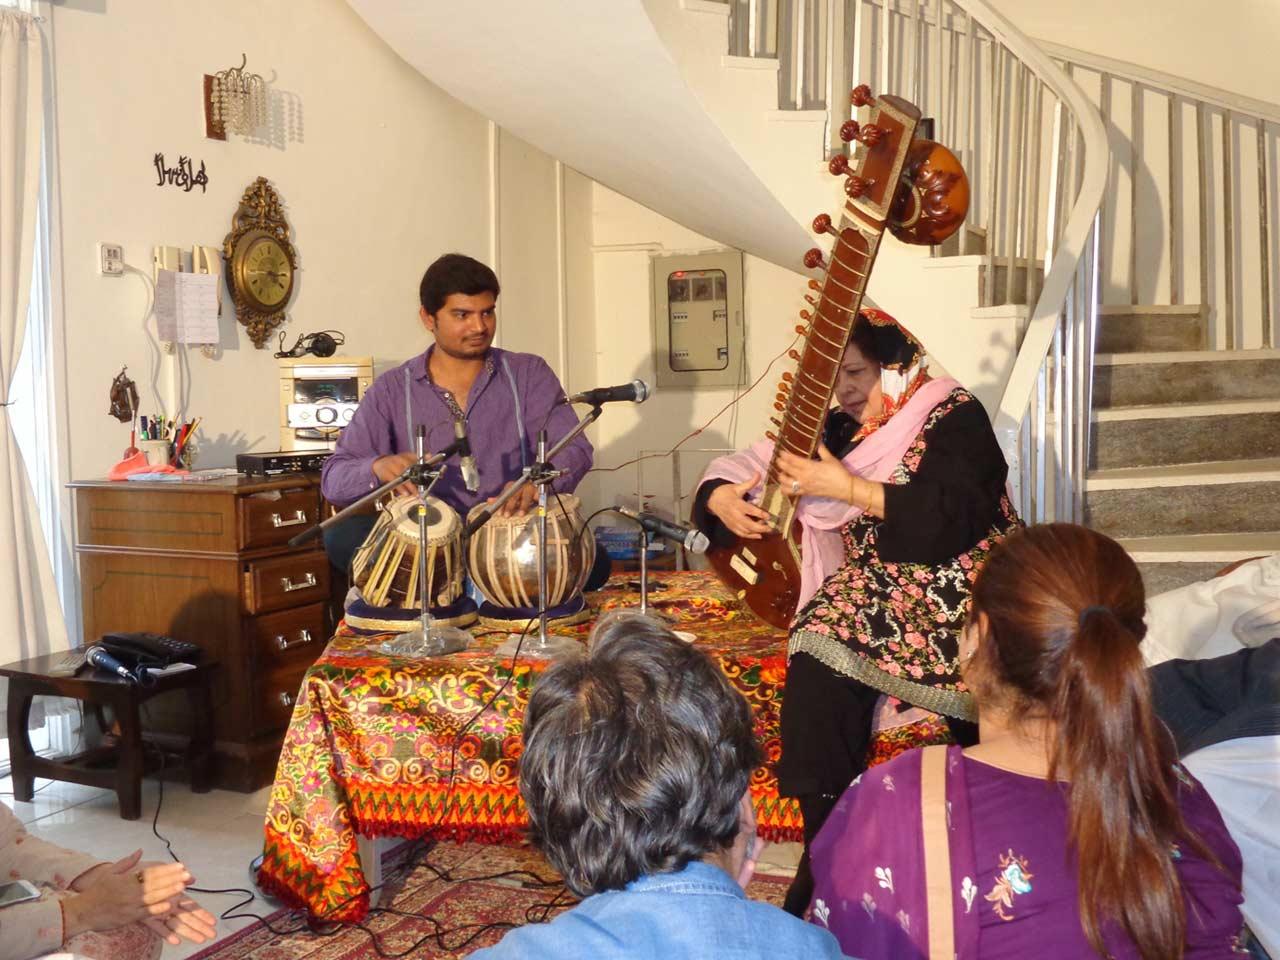 Almas on Tabla and Mrs. Mah Noor Siddiqui on Sitar